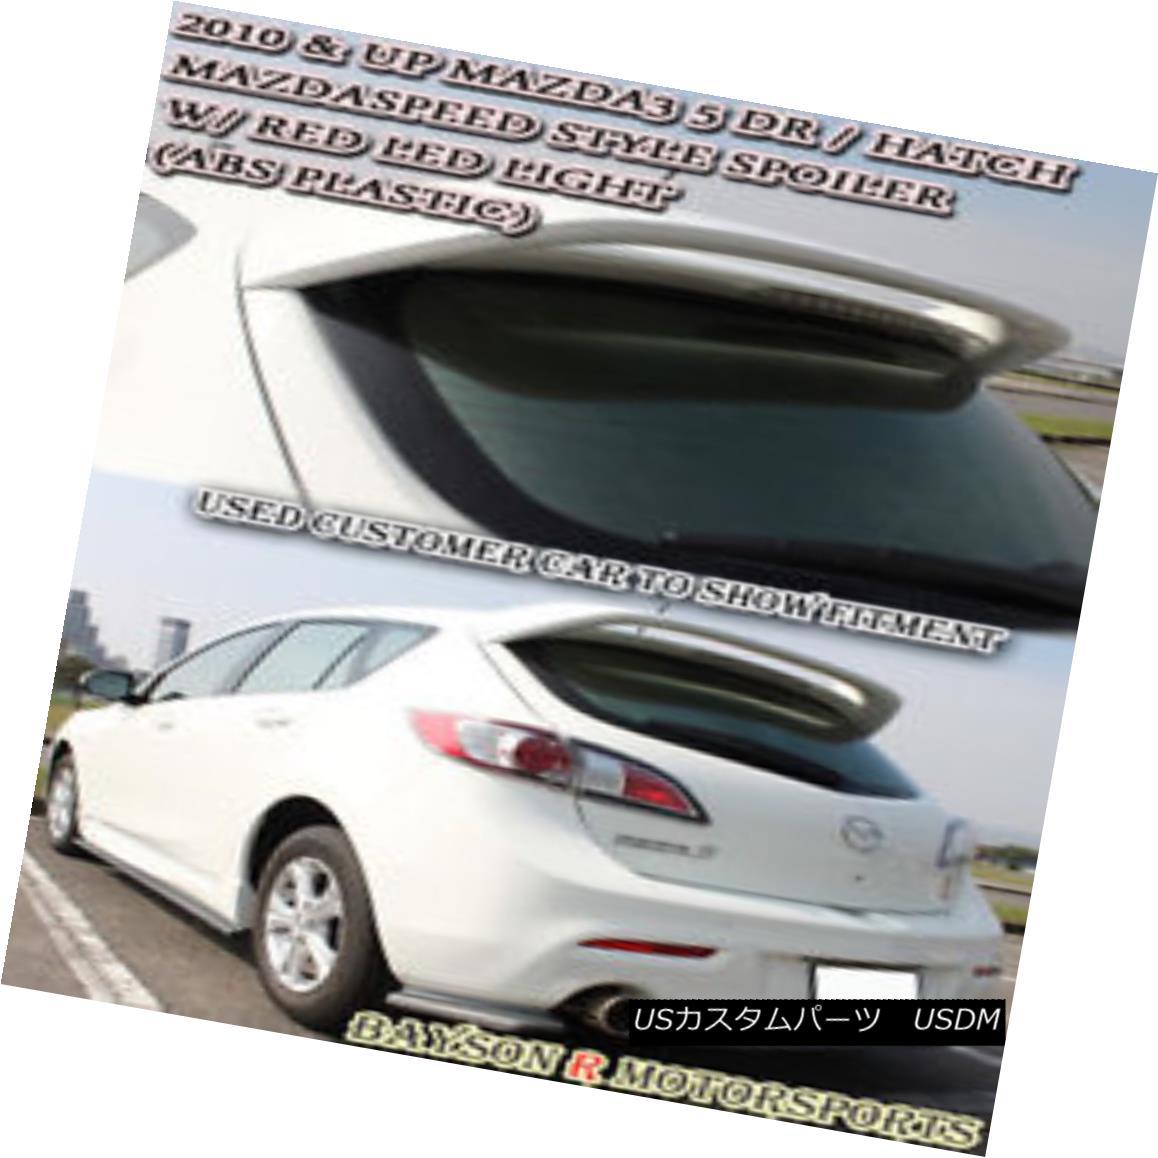 エアロパーツ MS-Style Rear Roof Spoiler (ABS) + Clear Lens LEDs Fits 10-13 Mazda 3 Hatch 5dr MS-スタイルリア・ルーフ・スポイラー(ABS)+クリア・レンズLED 10-13 Mazda 3 Hatch 5dr